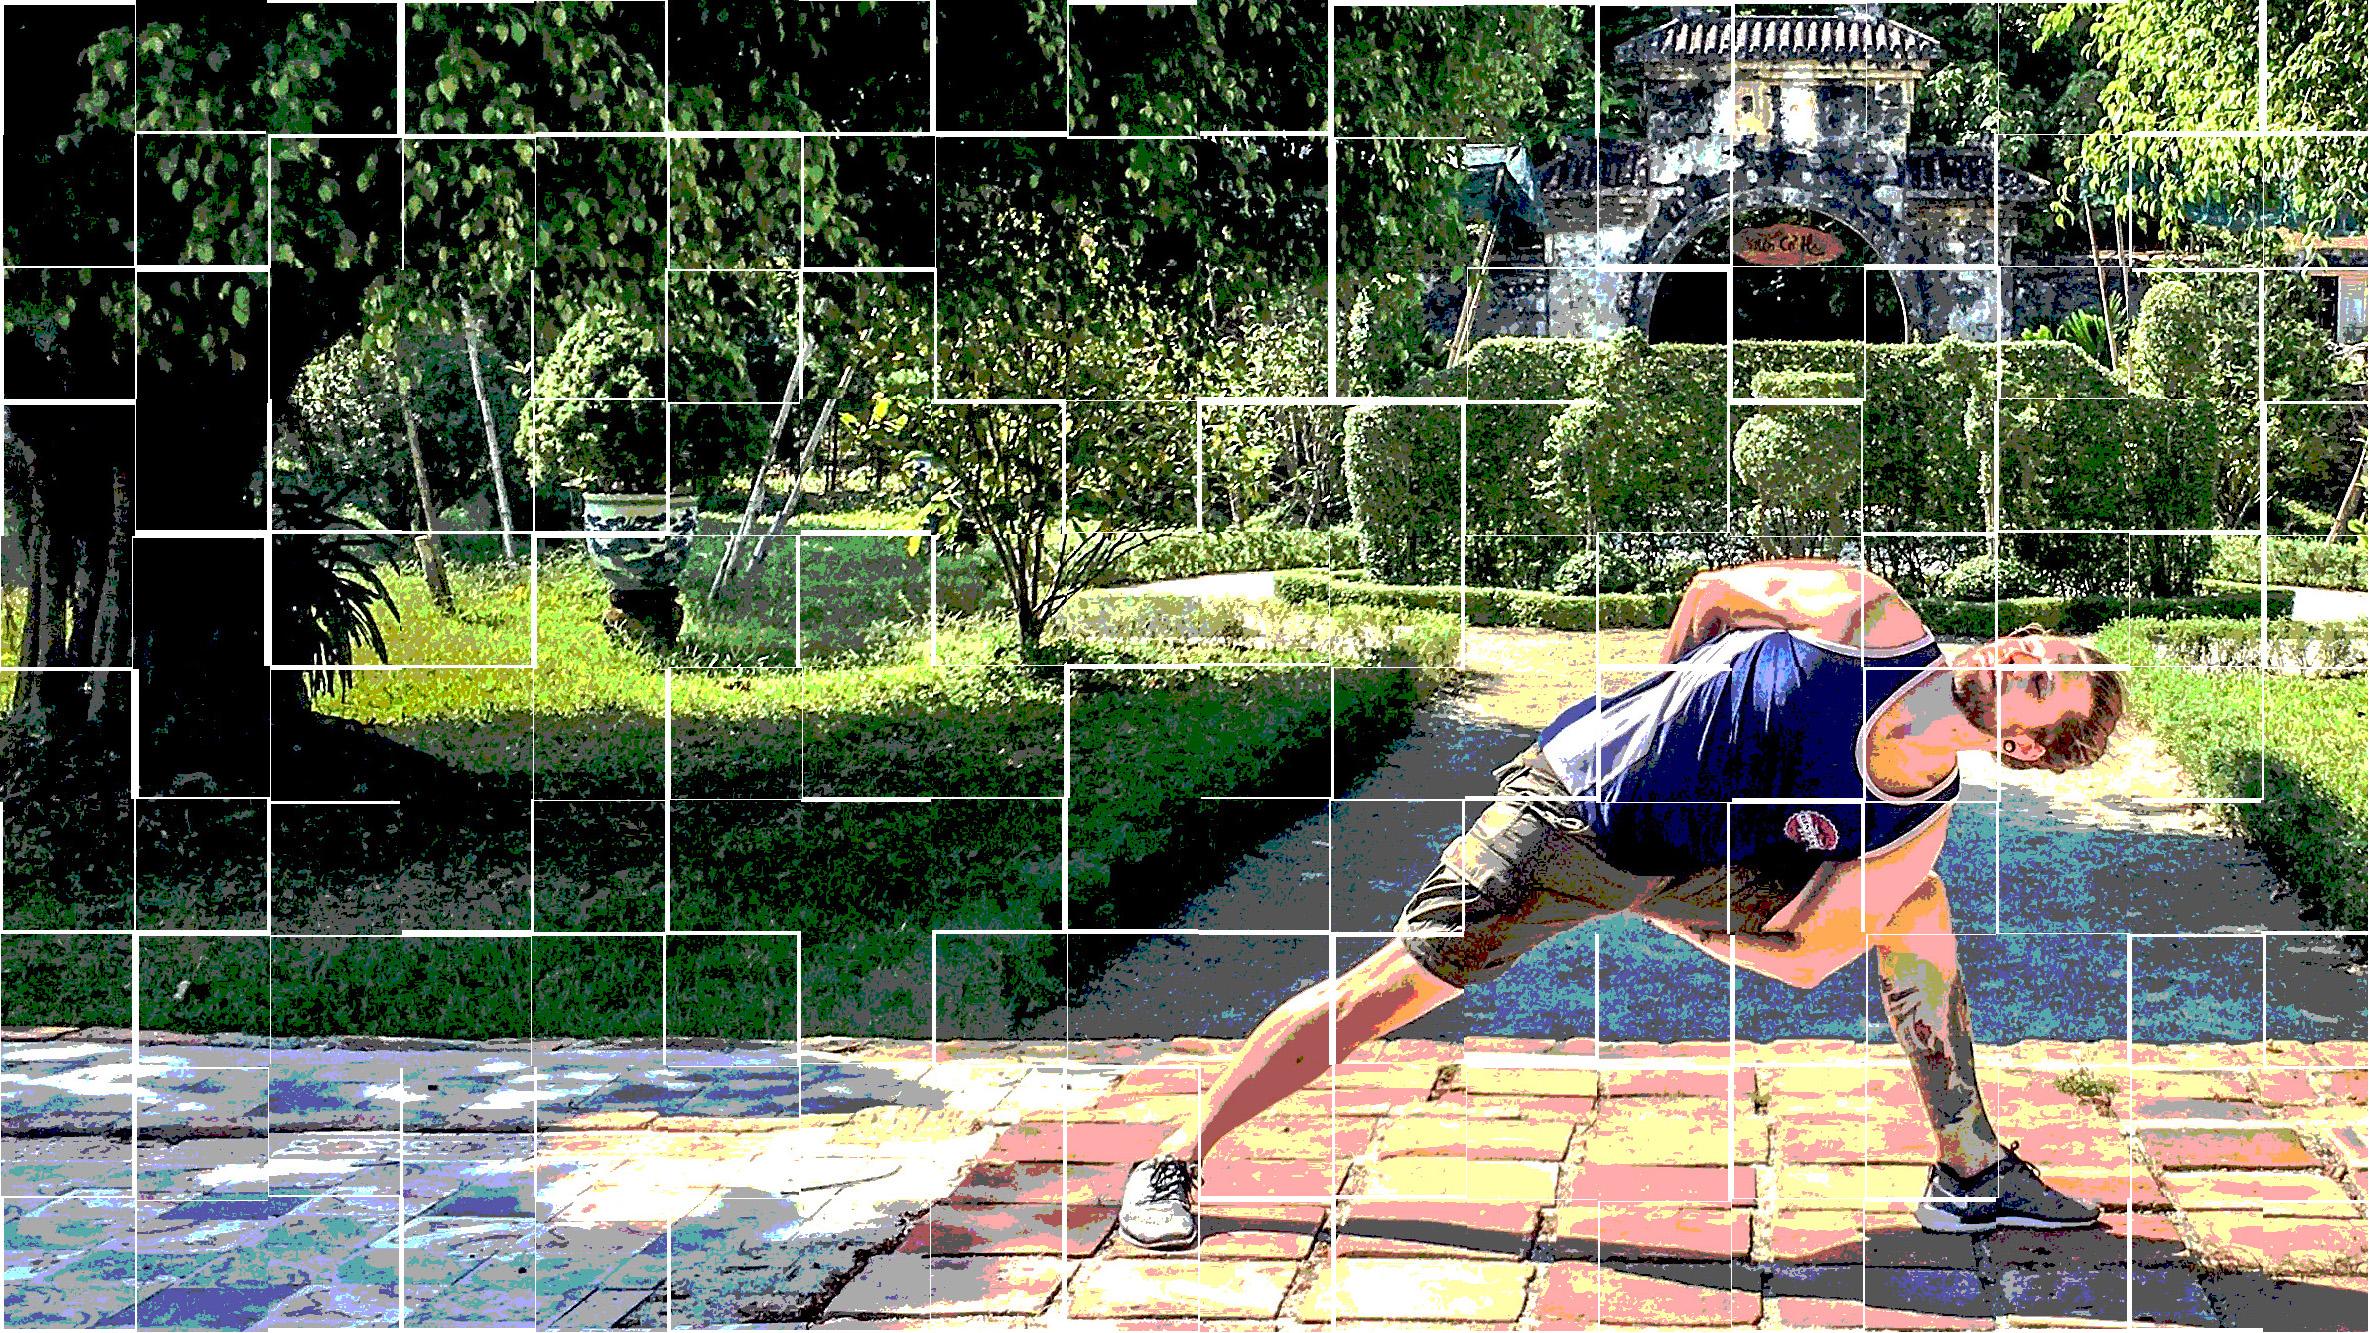 KARIM - Si le yoga était uniquement fait pour les personnes flexibles, alors Karim ne serait pas devenu un professeur et un passionné de yoga. Il découvre le yoga en 2012, à Lausanne, au hasard des rencontres. Pratiquant d'abord la discipline pour ses bienfaits physiques, il réalise que la pratique des asanas calme son esprit et l'aide à gérer son quotidien.Après deux ans de pratique, Karim se forme à l'enseignement du Hot Yoga auprès de l'école Absolute Yoga à Amsterdam en 2015.